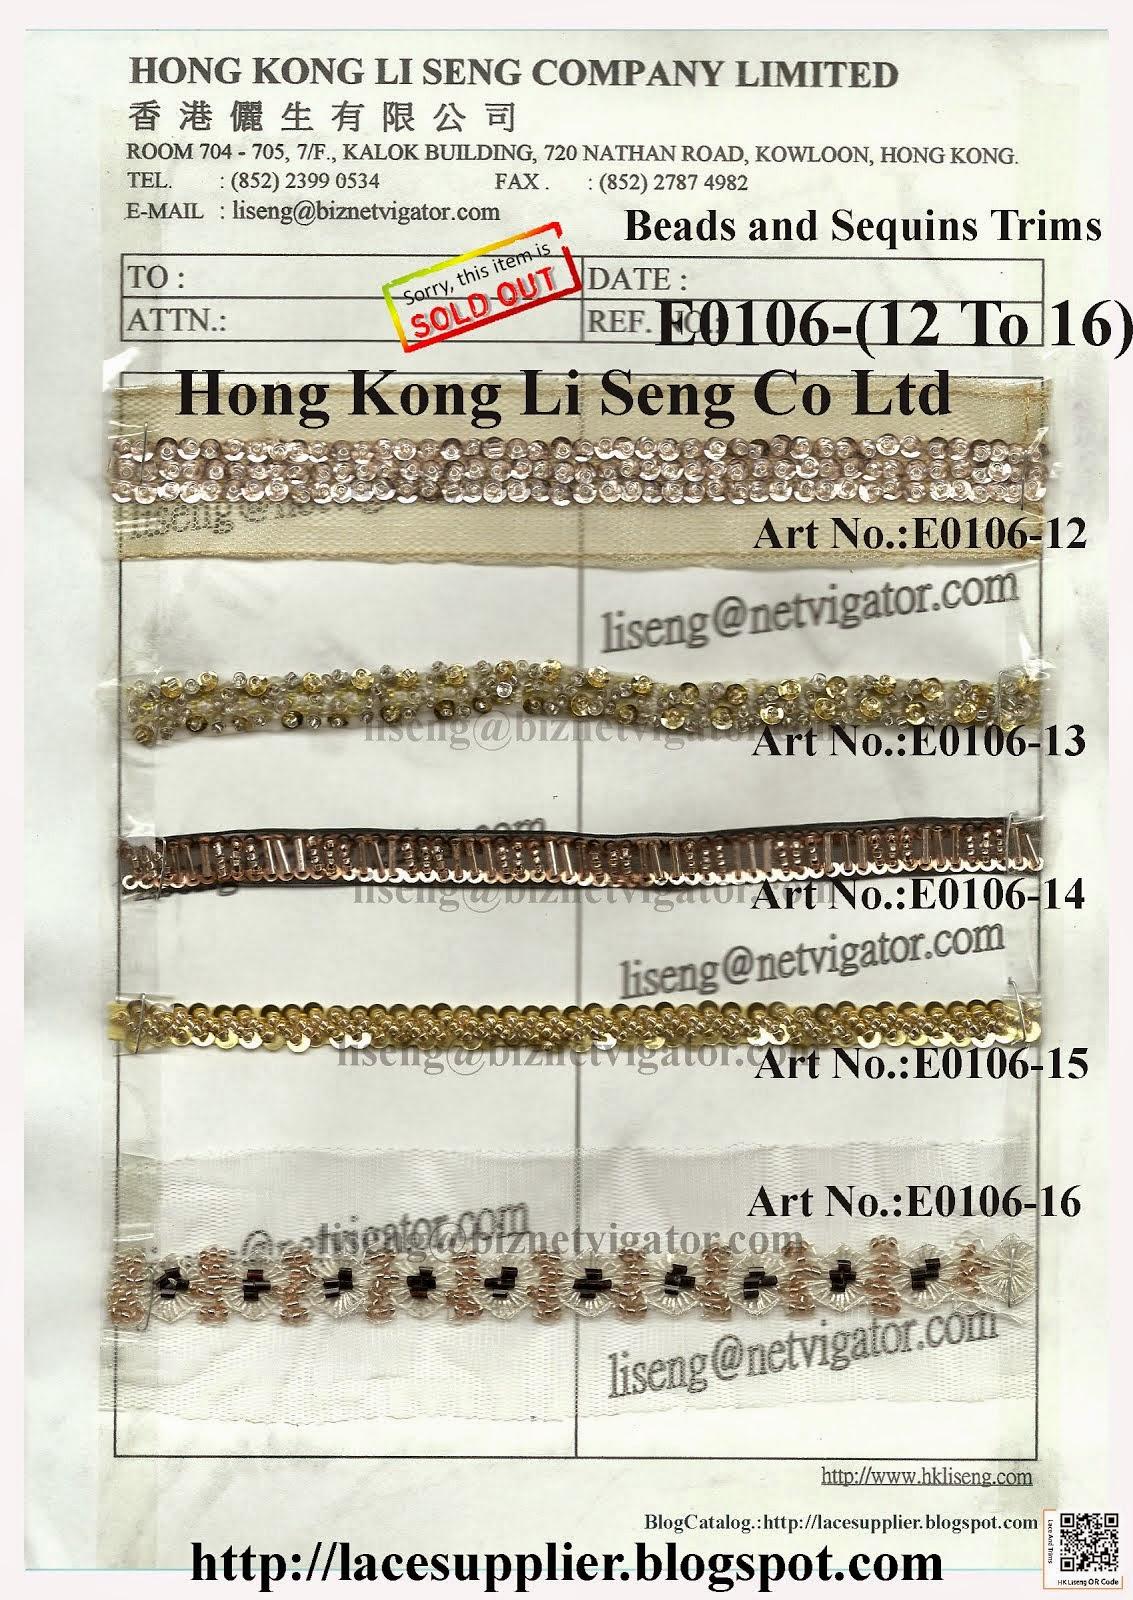 Beads and Sequins Trims Manufacturer - Hong Kong Li Seng Co Ltd